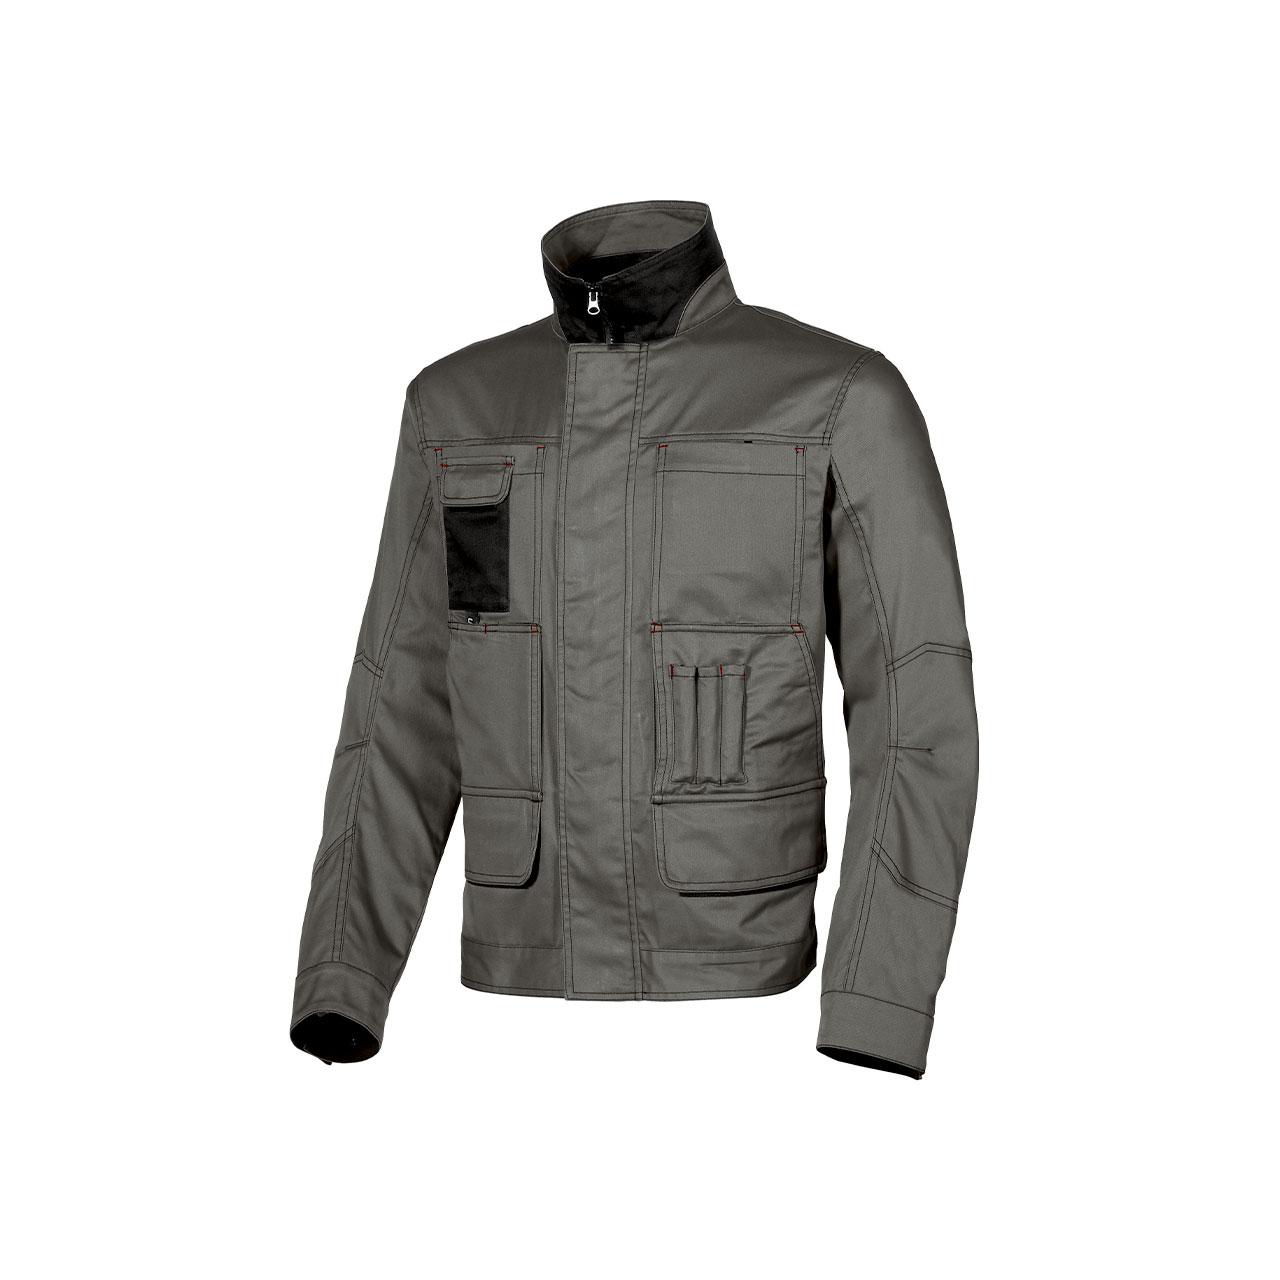 giacca da lavoro upower modello shake colore stone grey